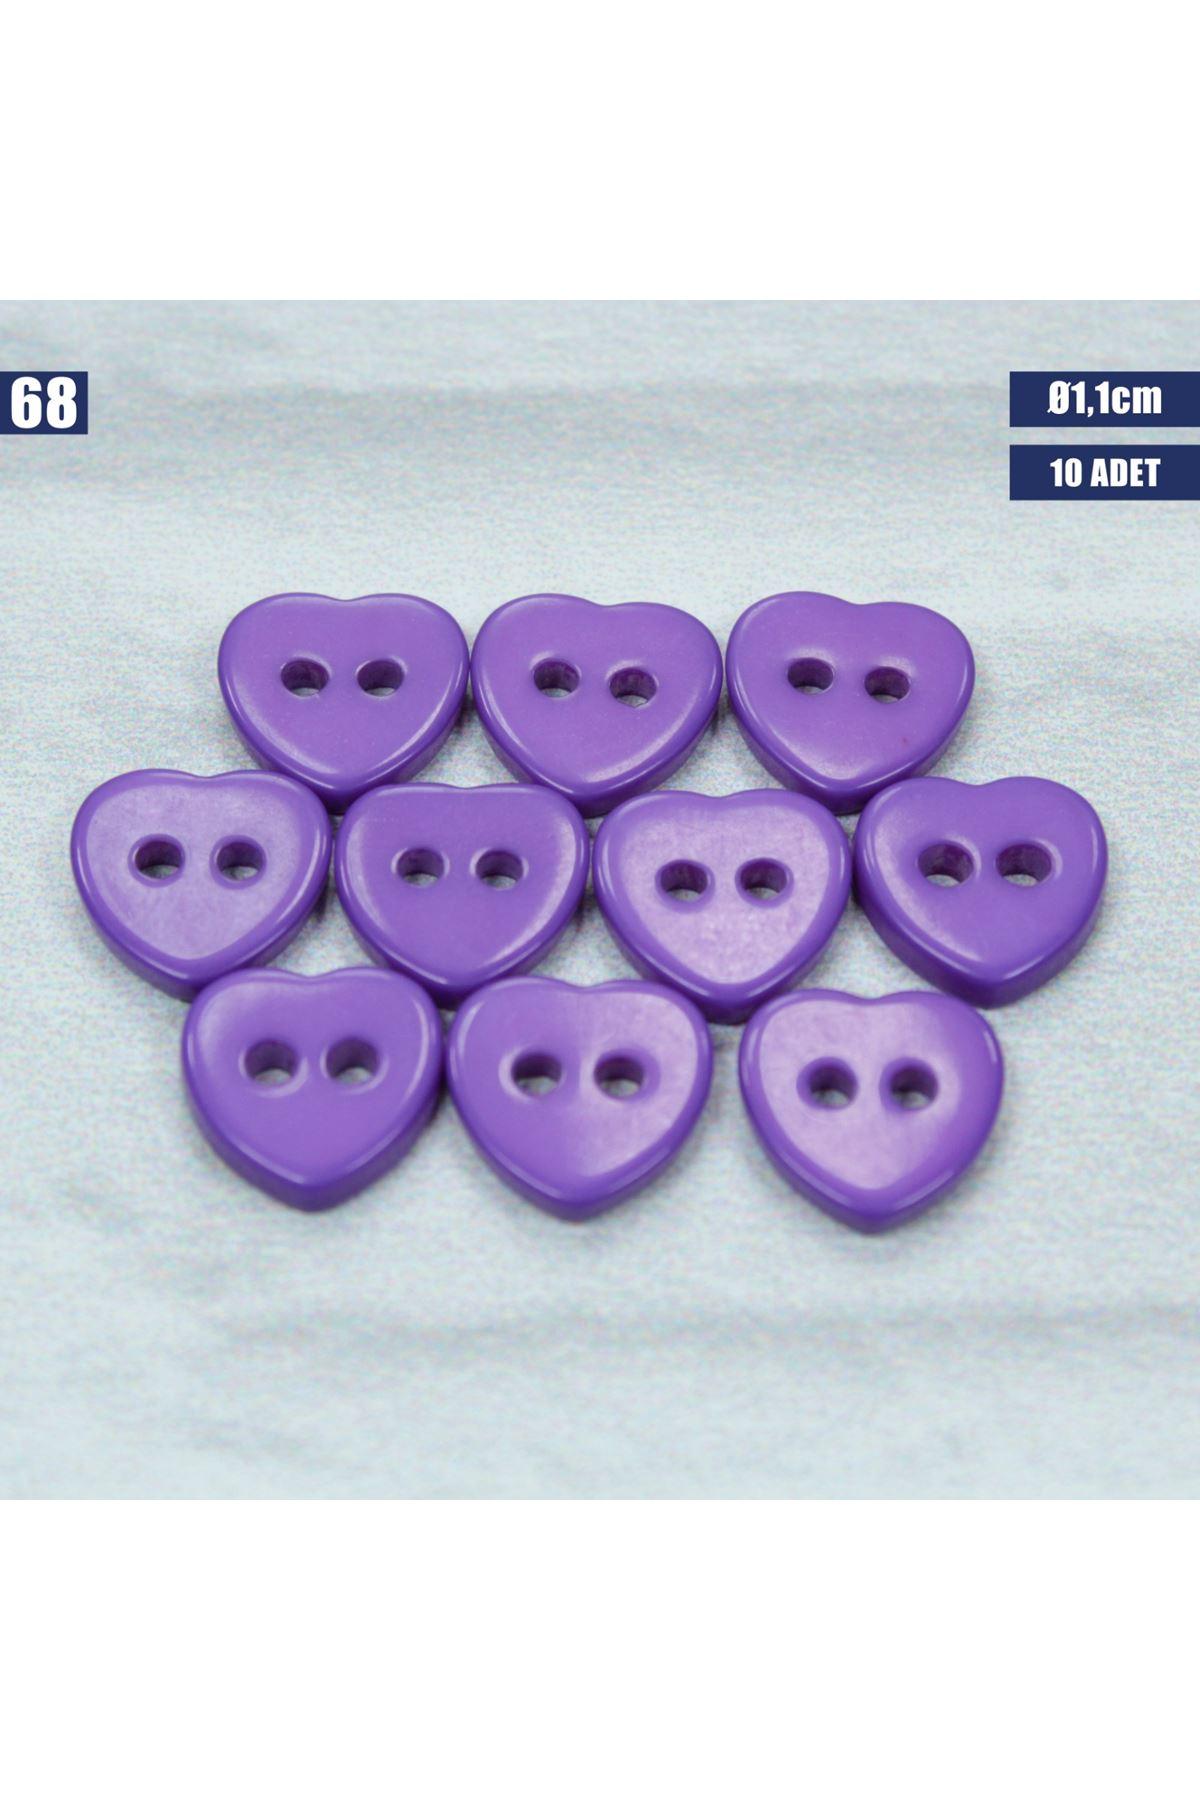 Amigurumi Düğmesi Ø 1,1cm - 68